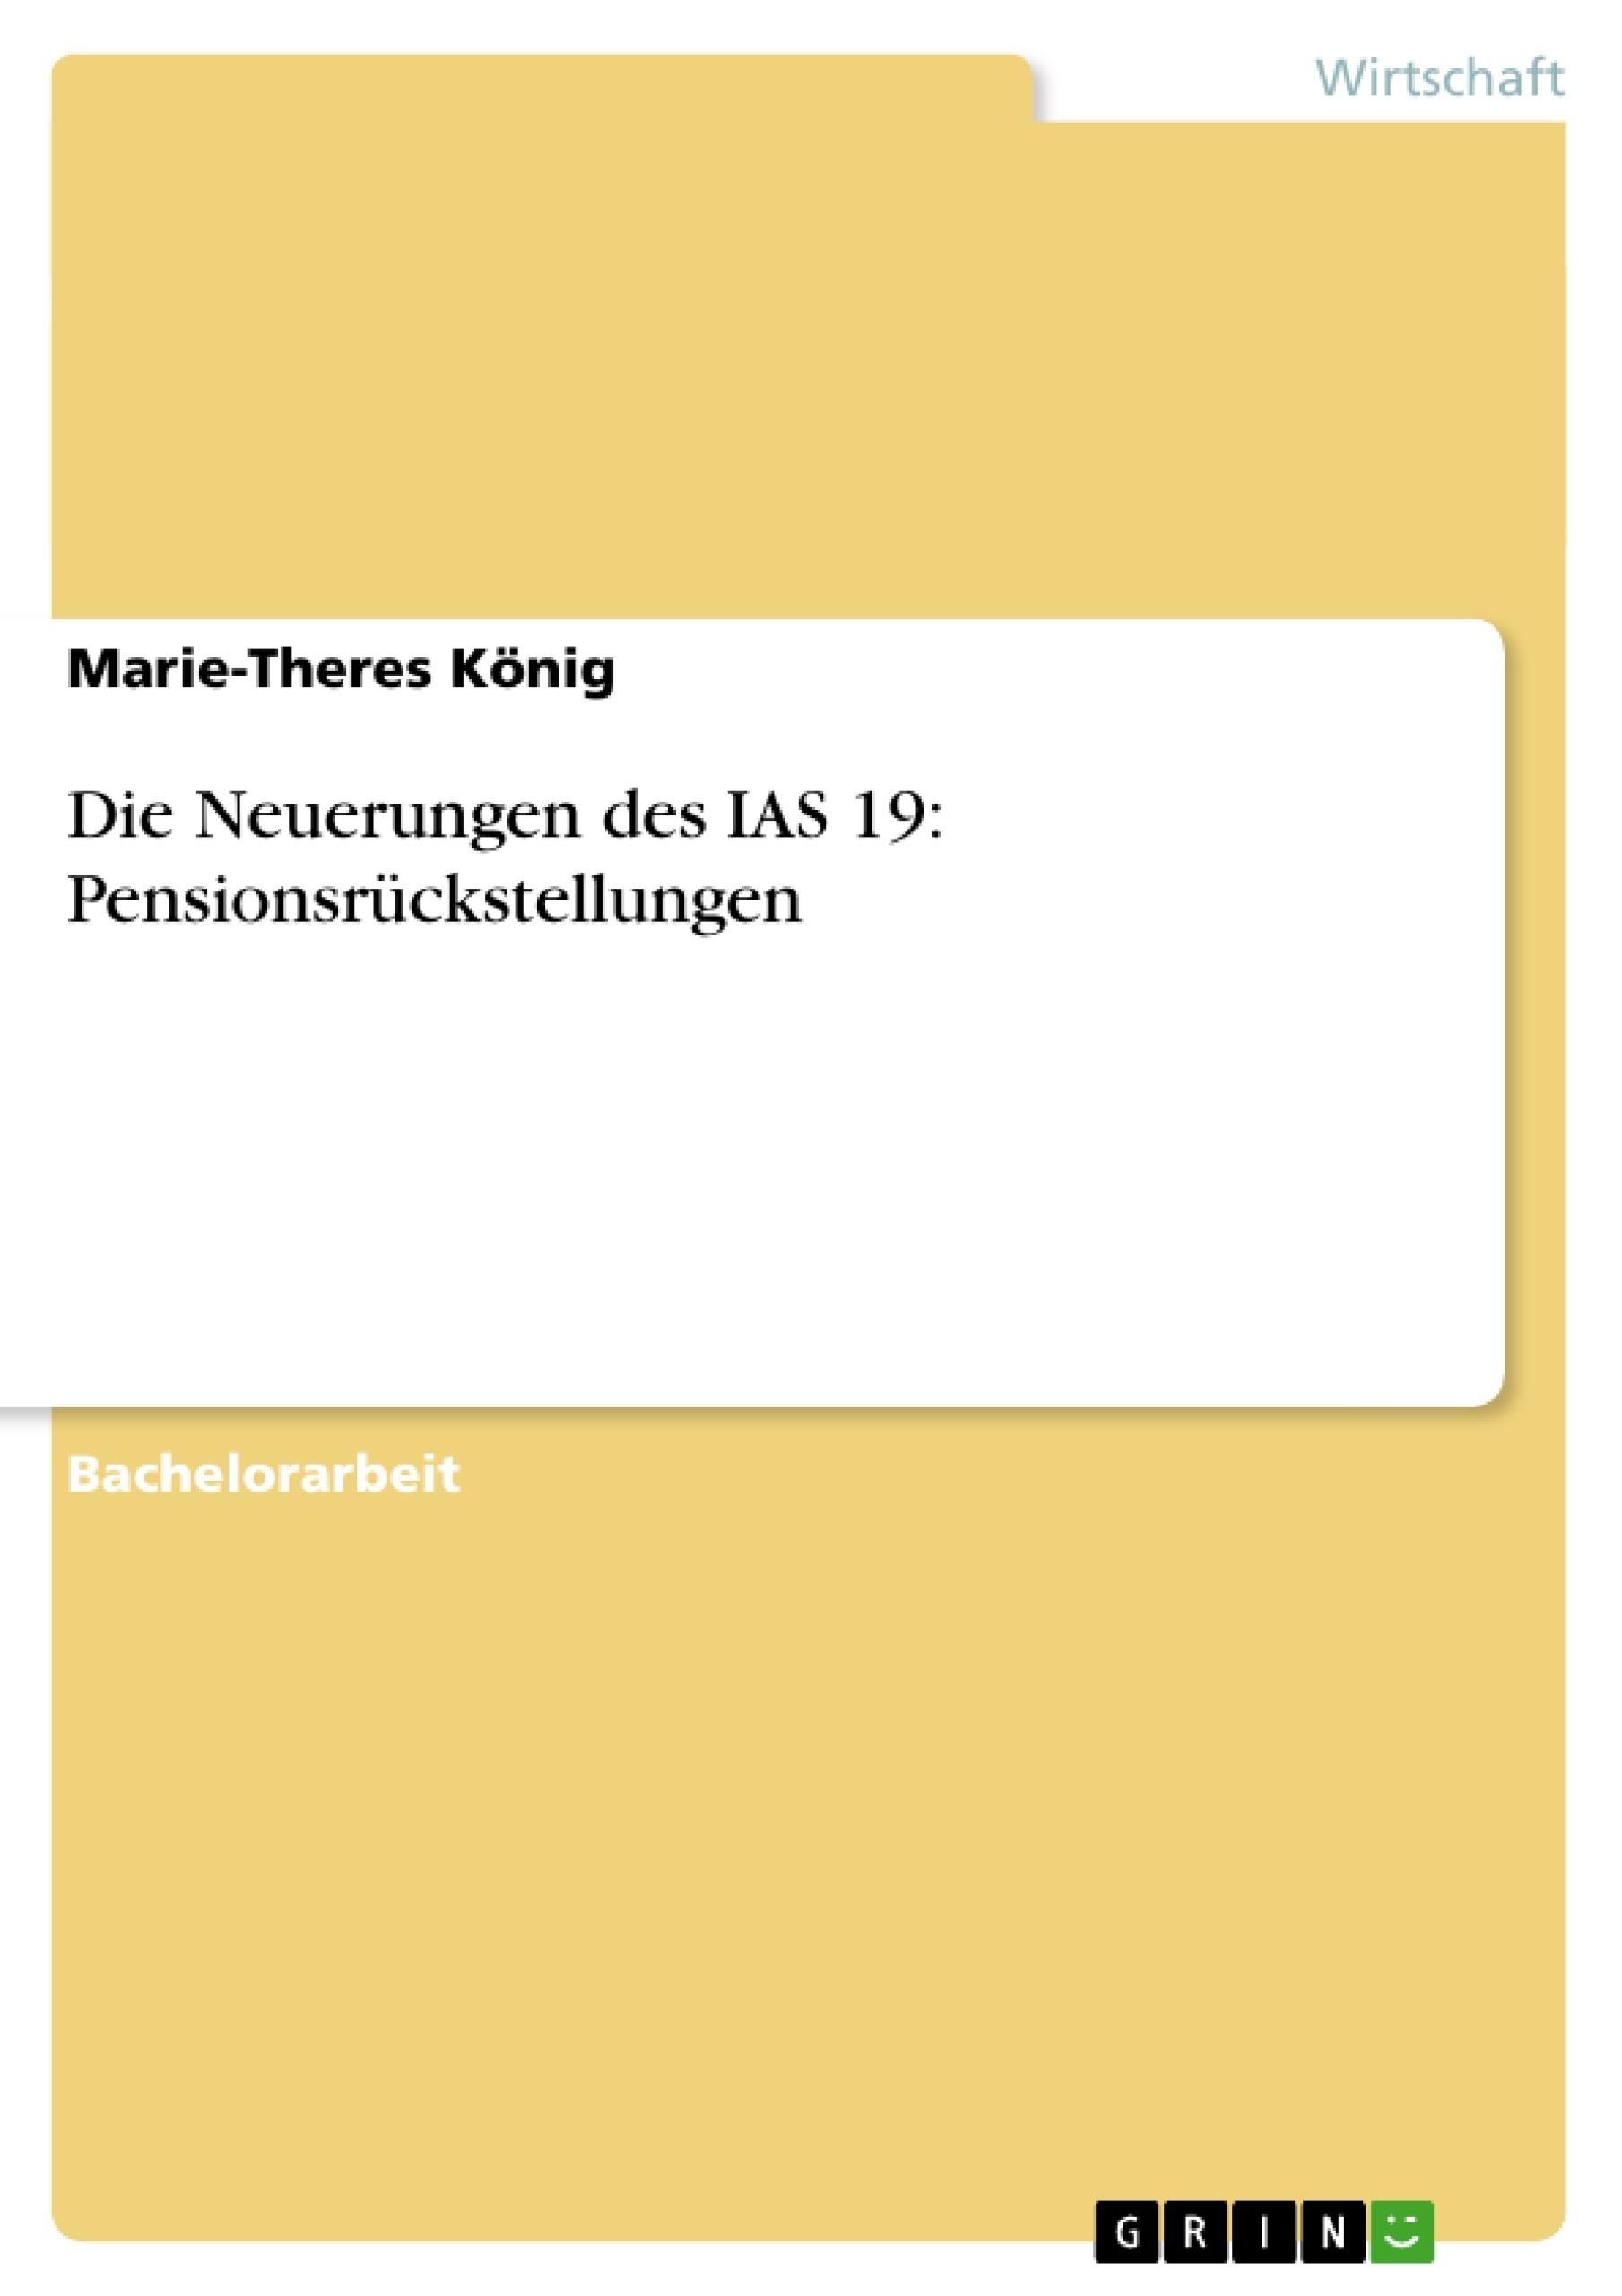 Titel: Die Neuerungen des IAS 19: Pensionsrückstellungen